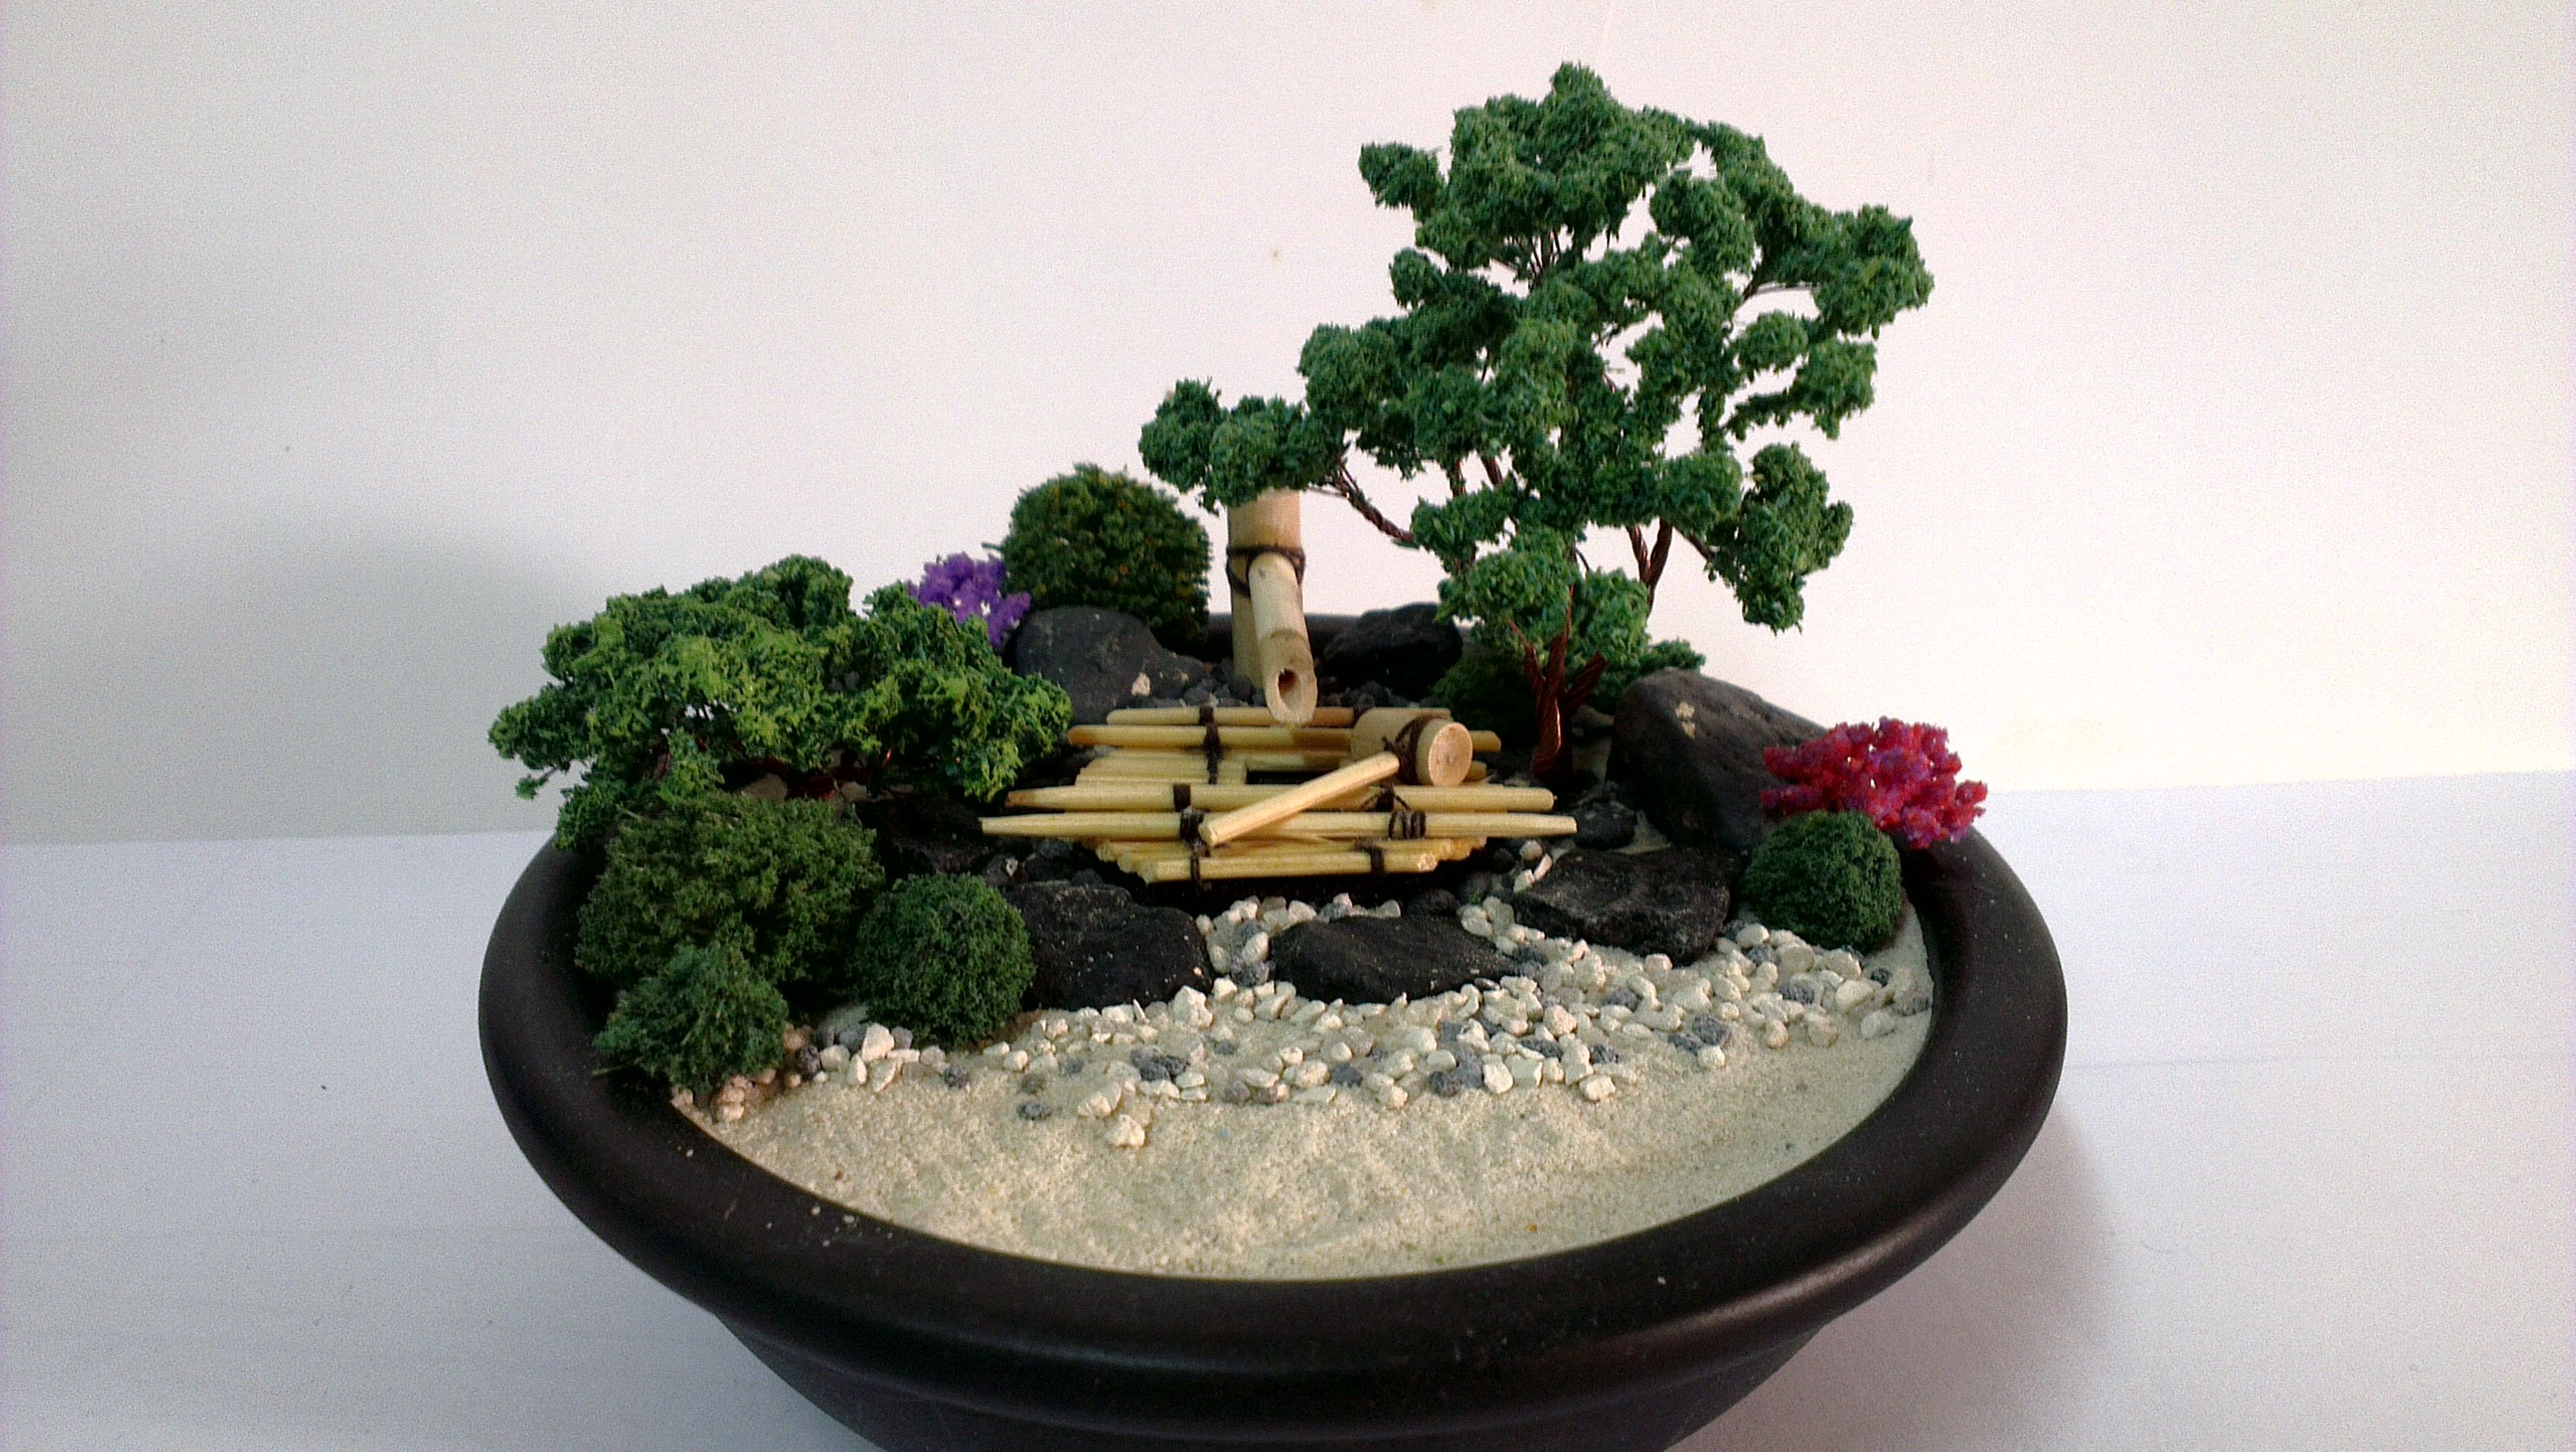 Miniature Zen Garden Miniature Zen Garden Zen Garden Zen Garden Diy